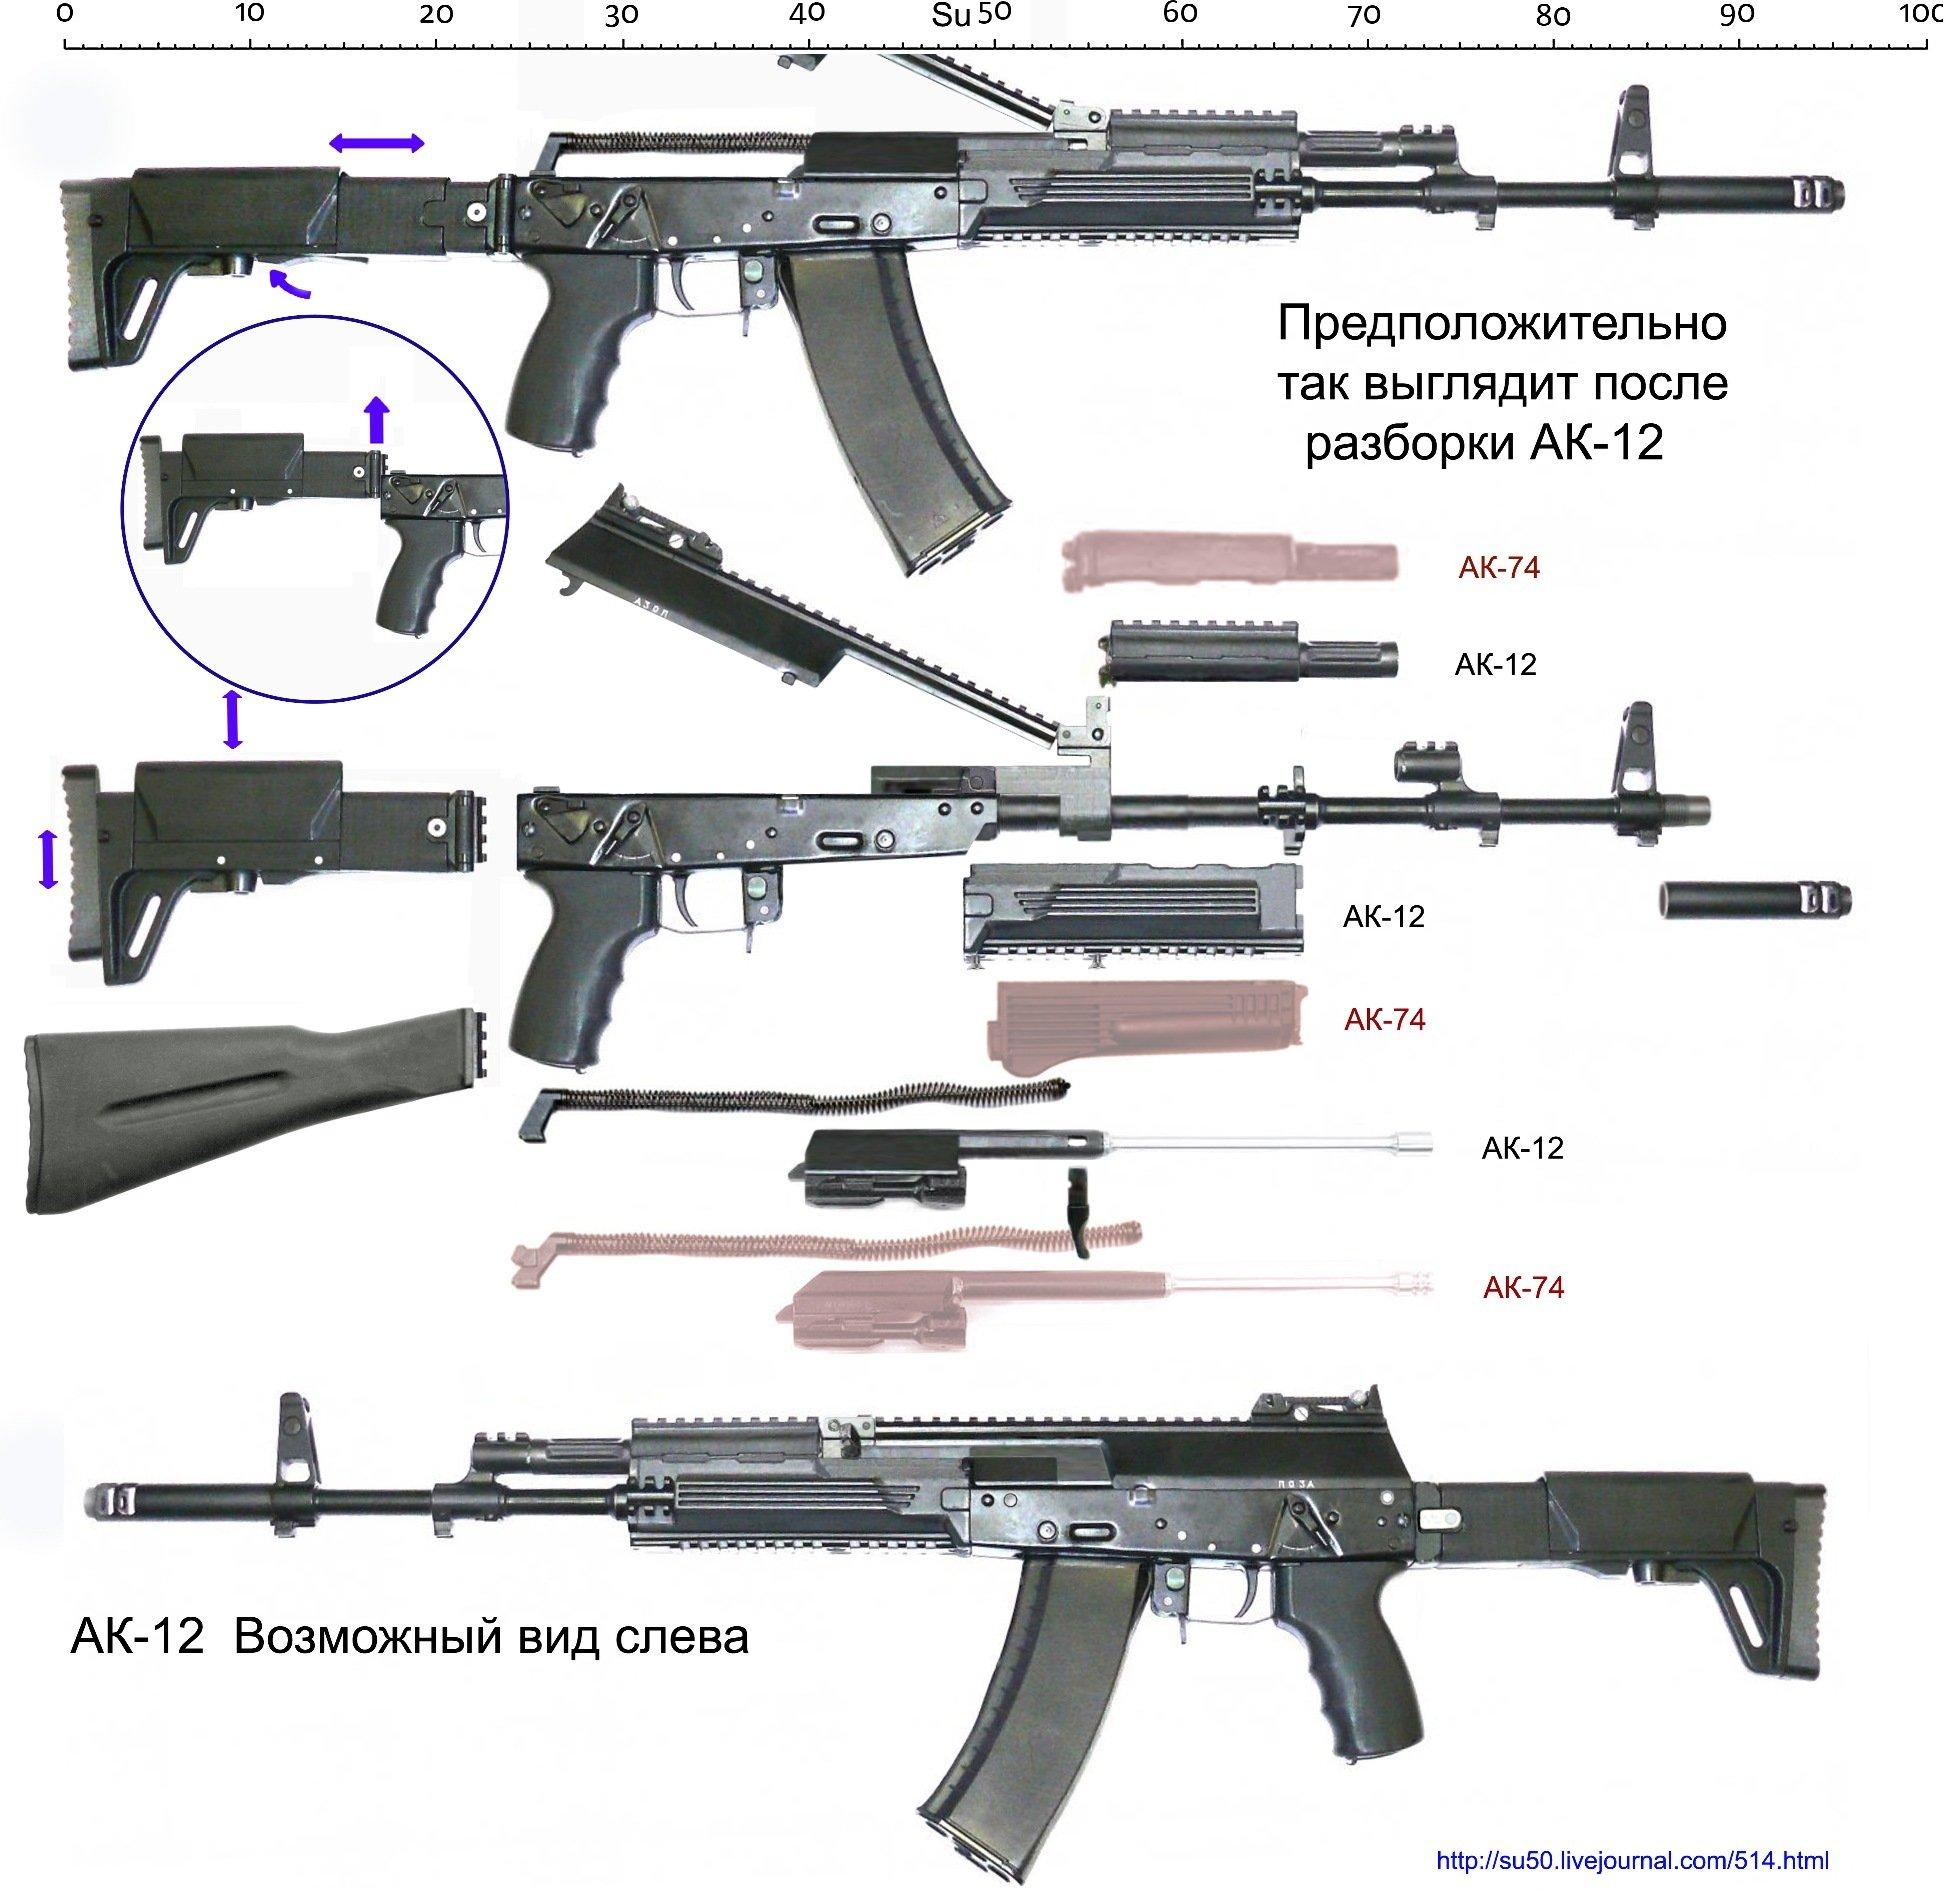 http://info.sibnet.ru/ni/445/445151_67_1443679930_phppx4wf5.jpg